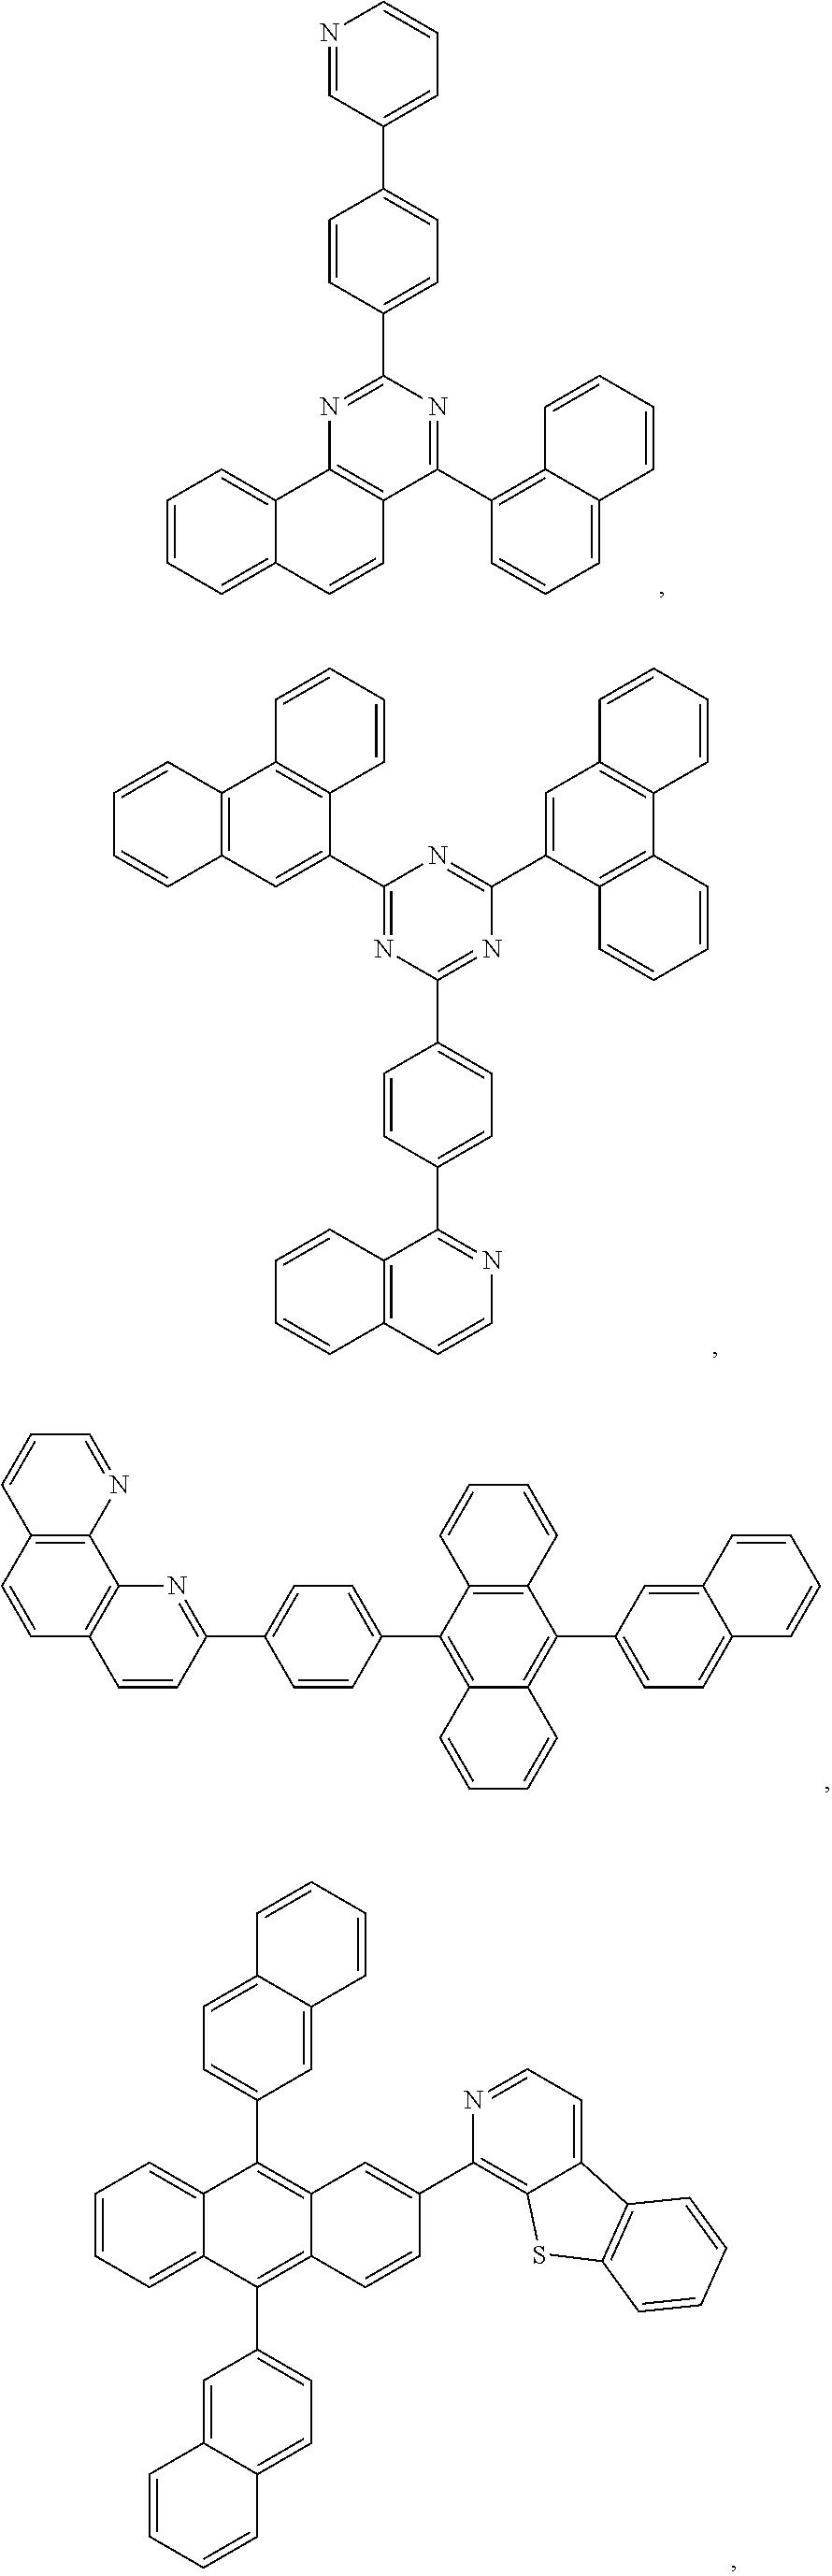 Figure US09929360-20180327-C00181